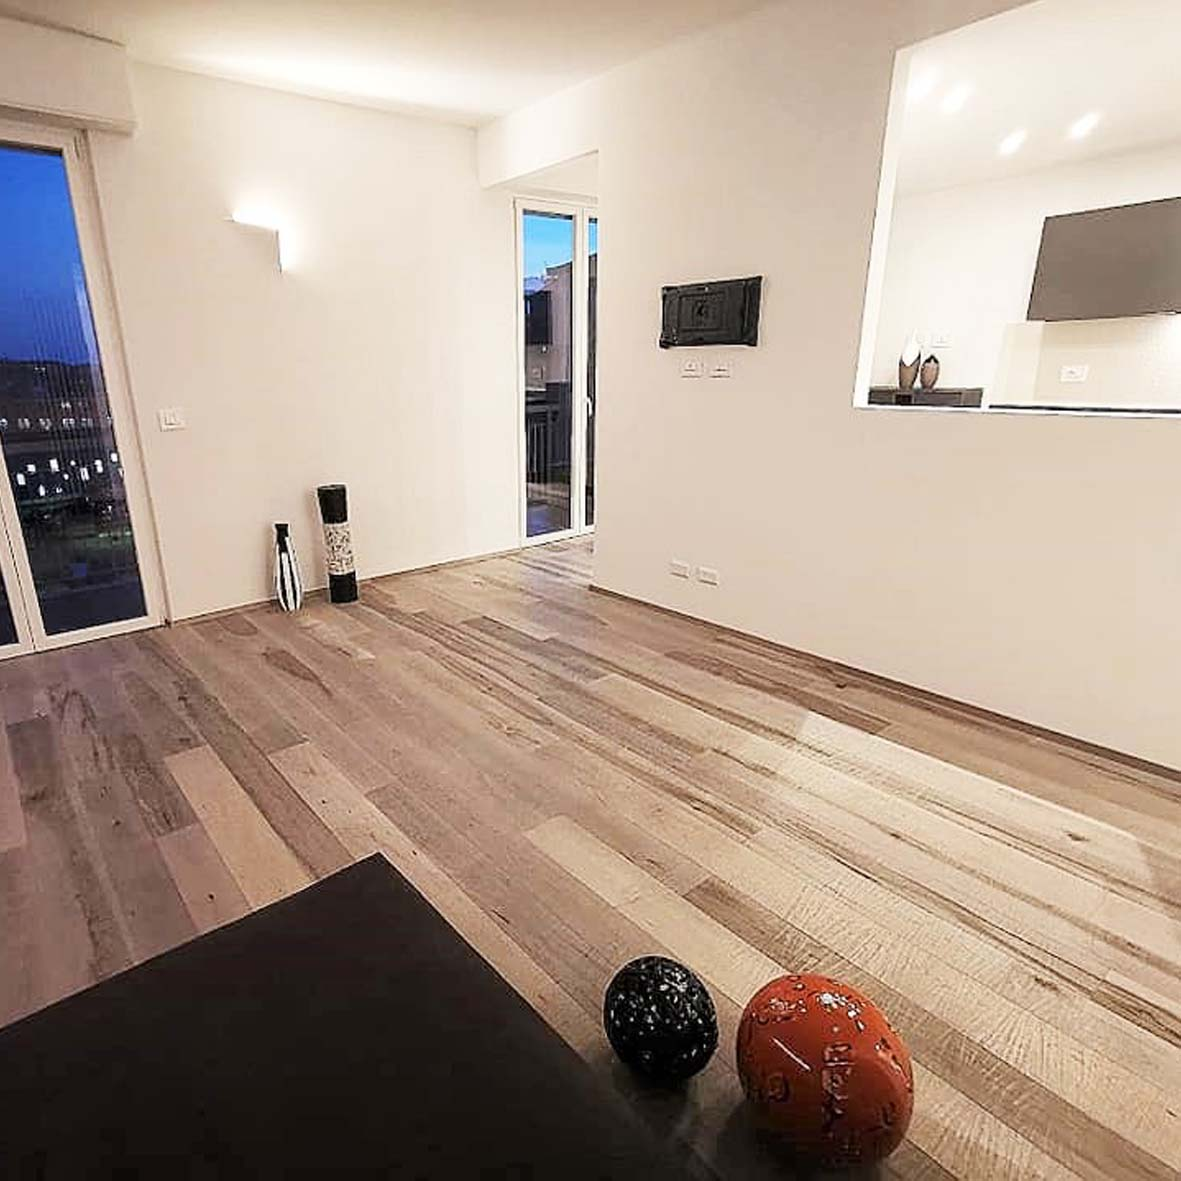 pavimentazione-cadorin-fef interni-centro dell'arredamento-savona-f&f interni